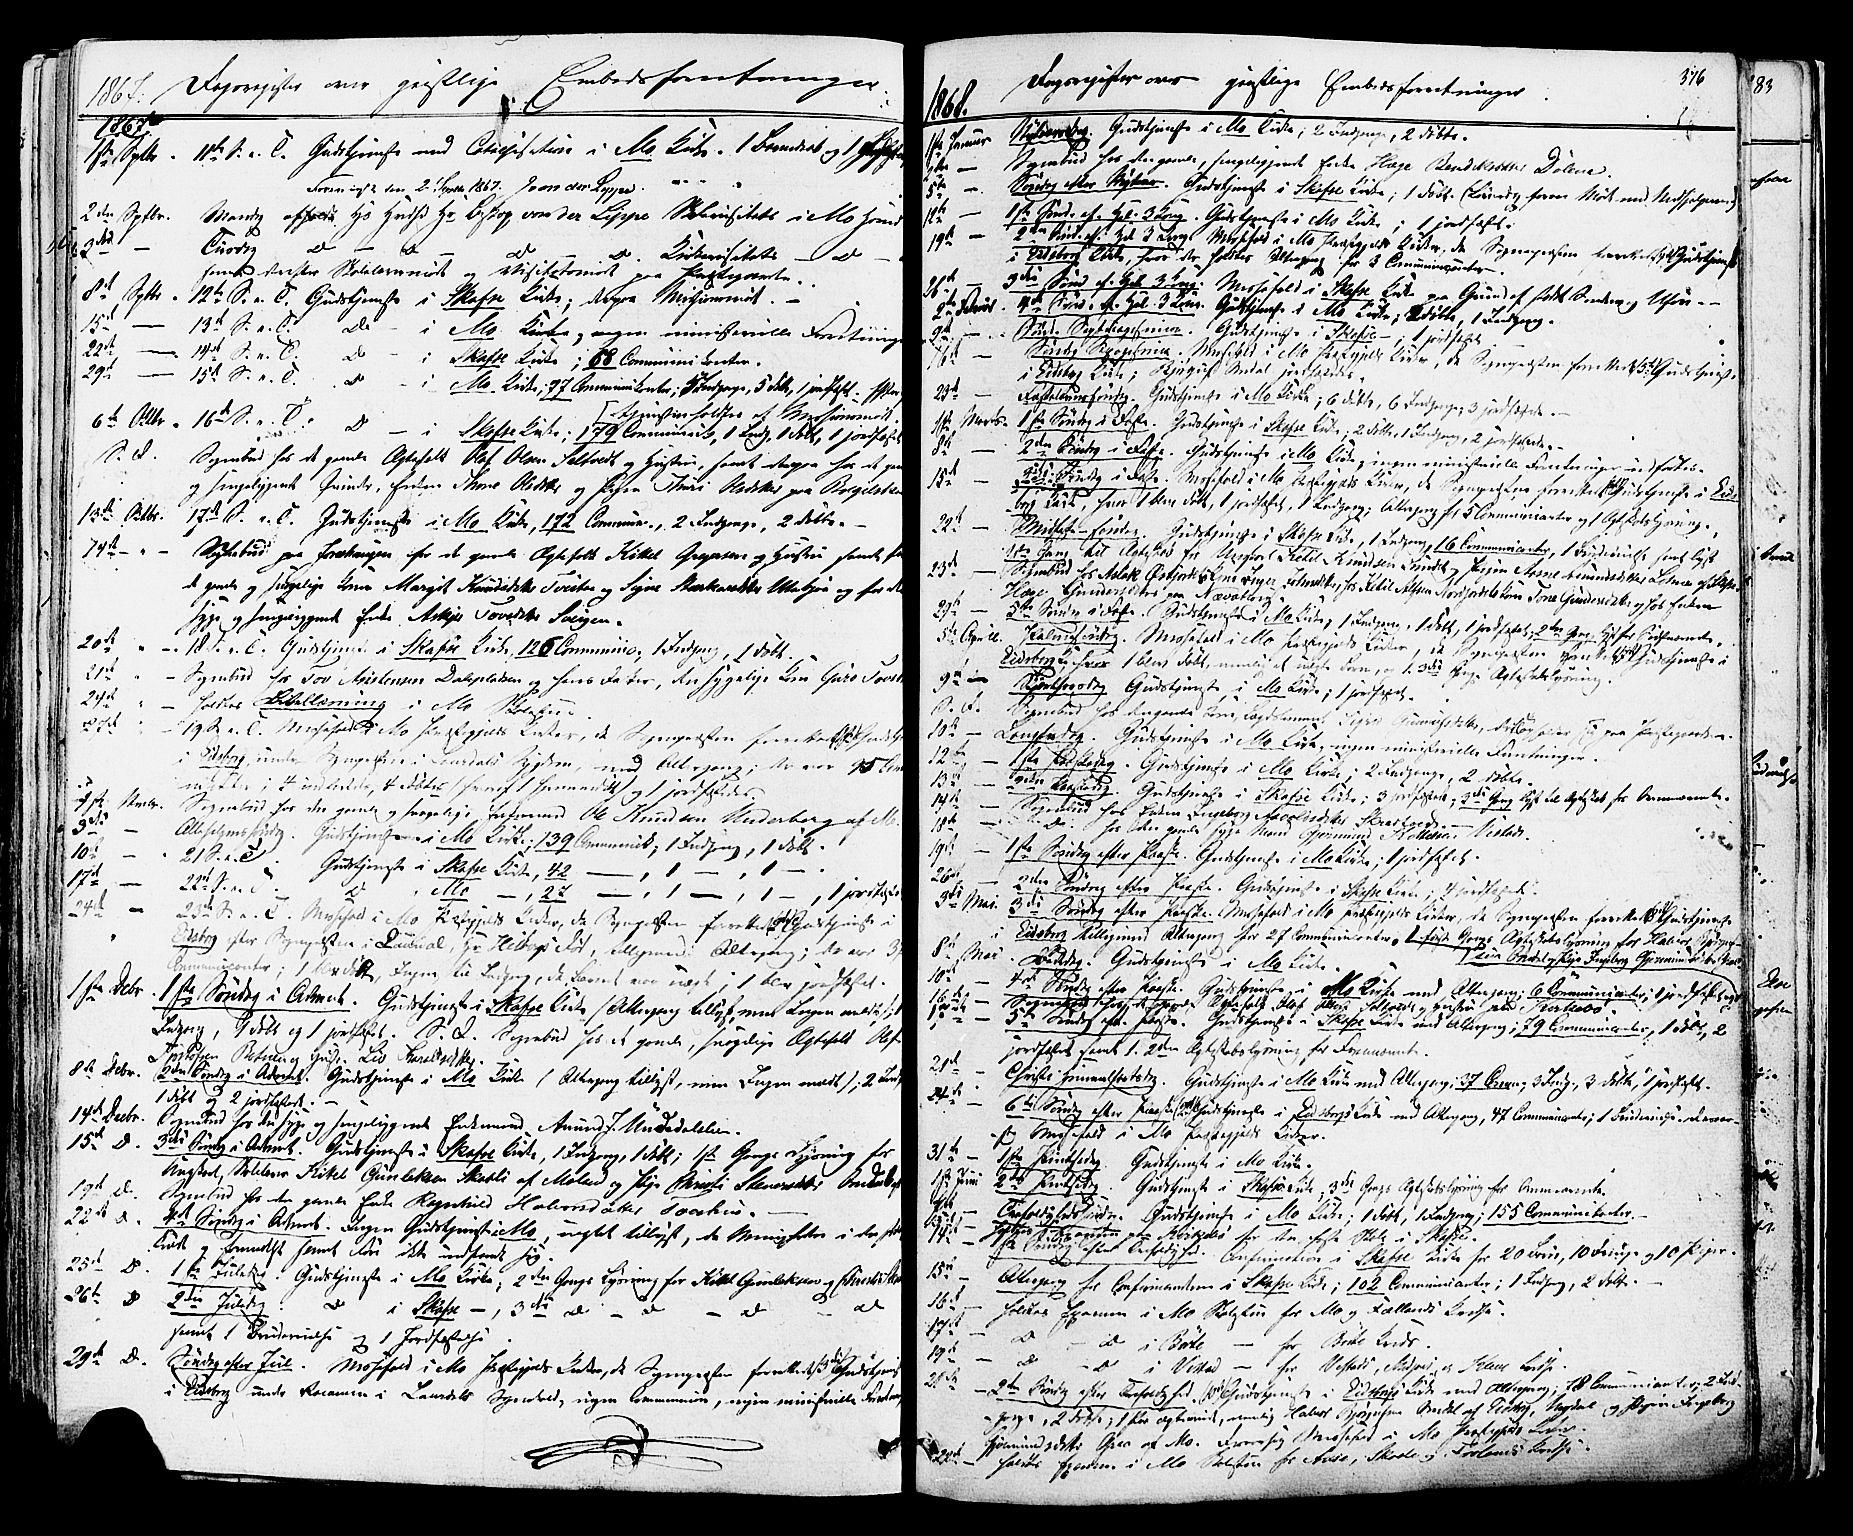 SAKO, Mo kirkebøker, F/Fa/L0006: Ministerialbok nr. I 6, 1865-1885, s. 376